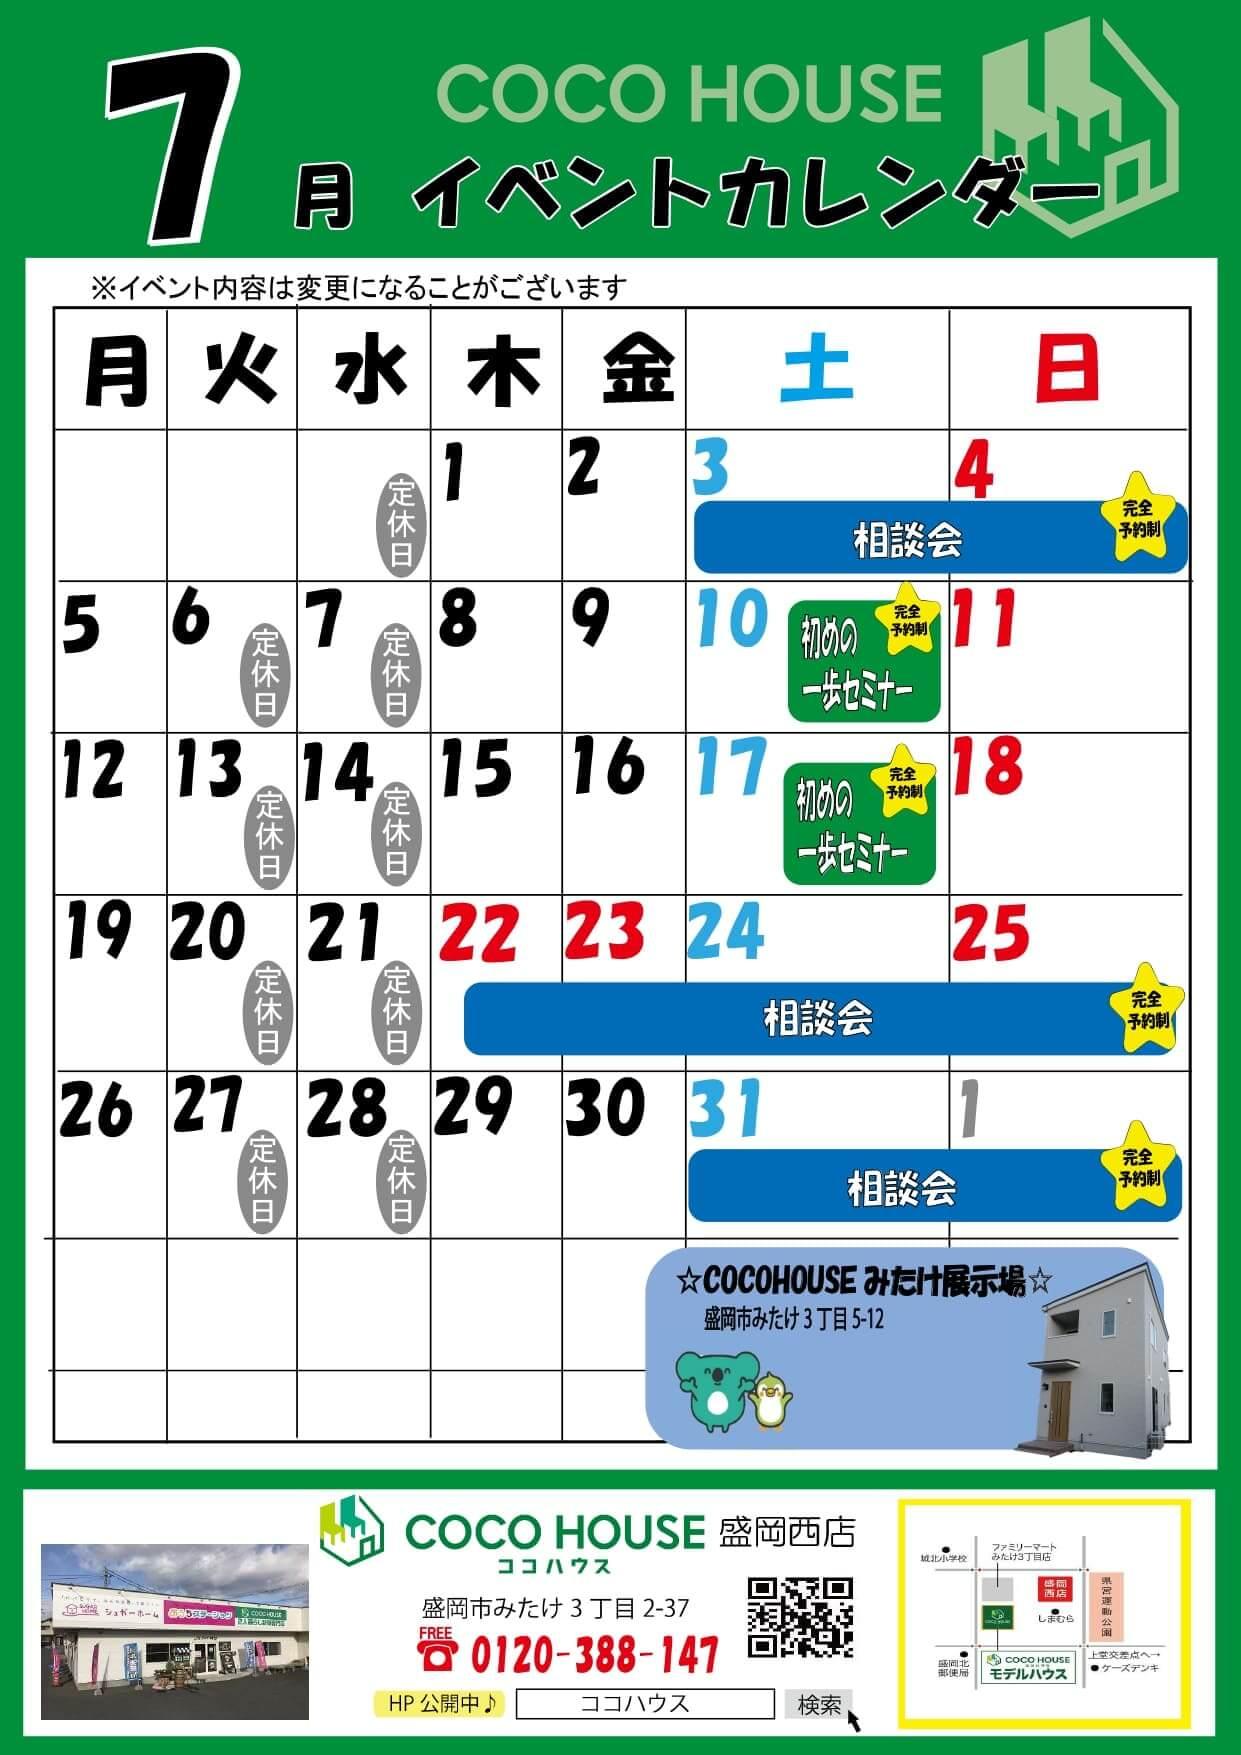 盛岡西店 7月イベント情報